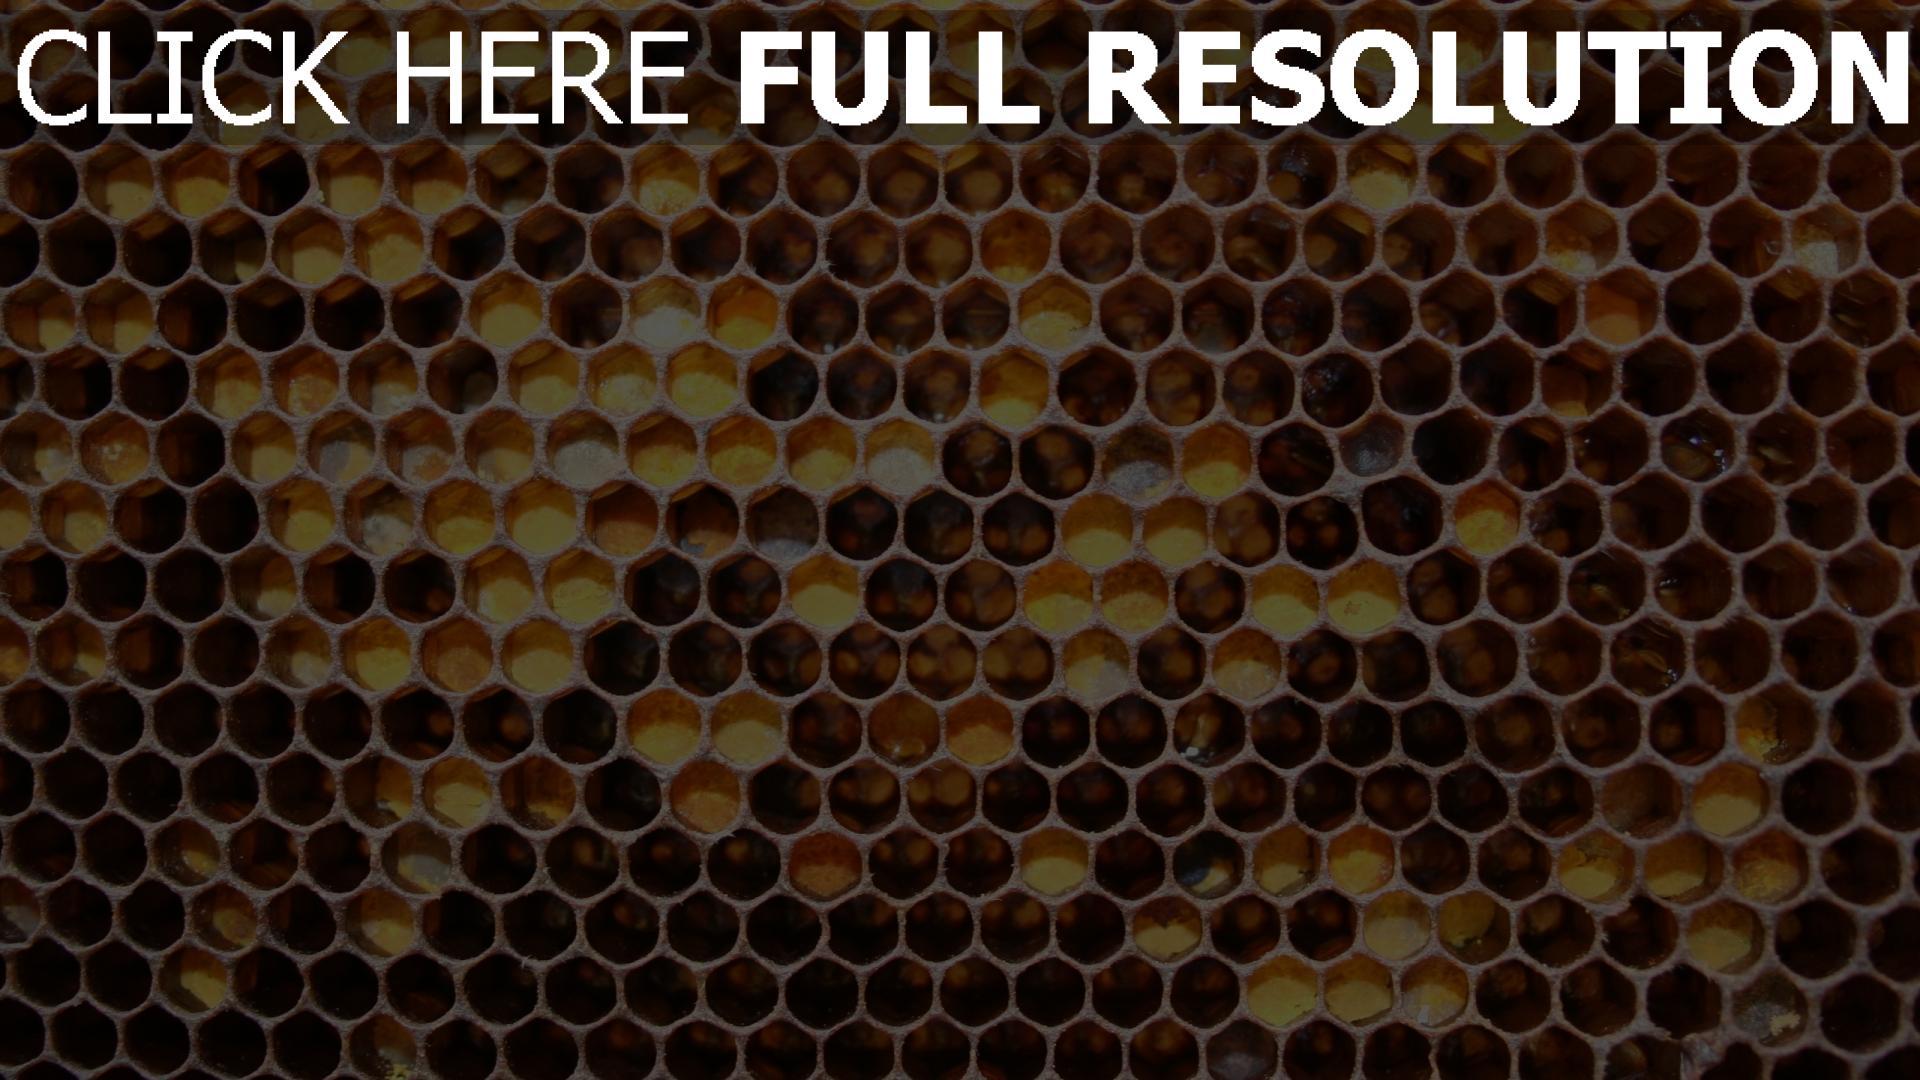 Hd Hintergrundbilder Zelle Erh 246 Hung Honig Hintergrund